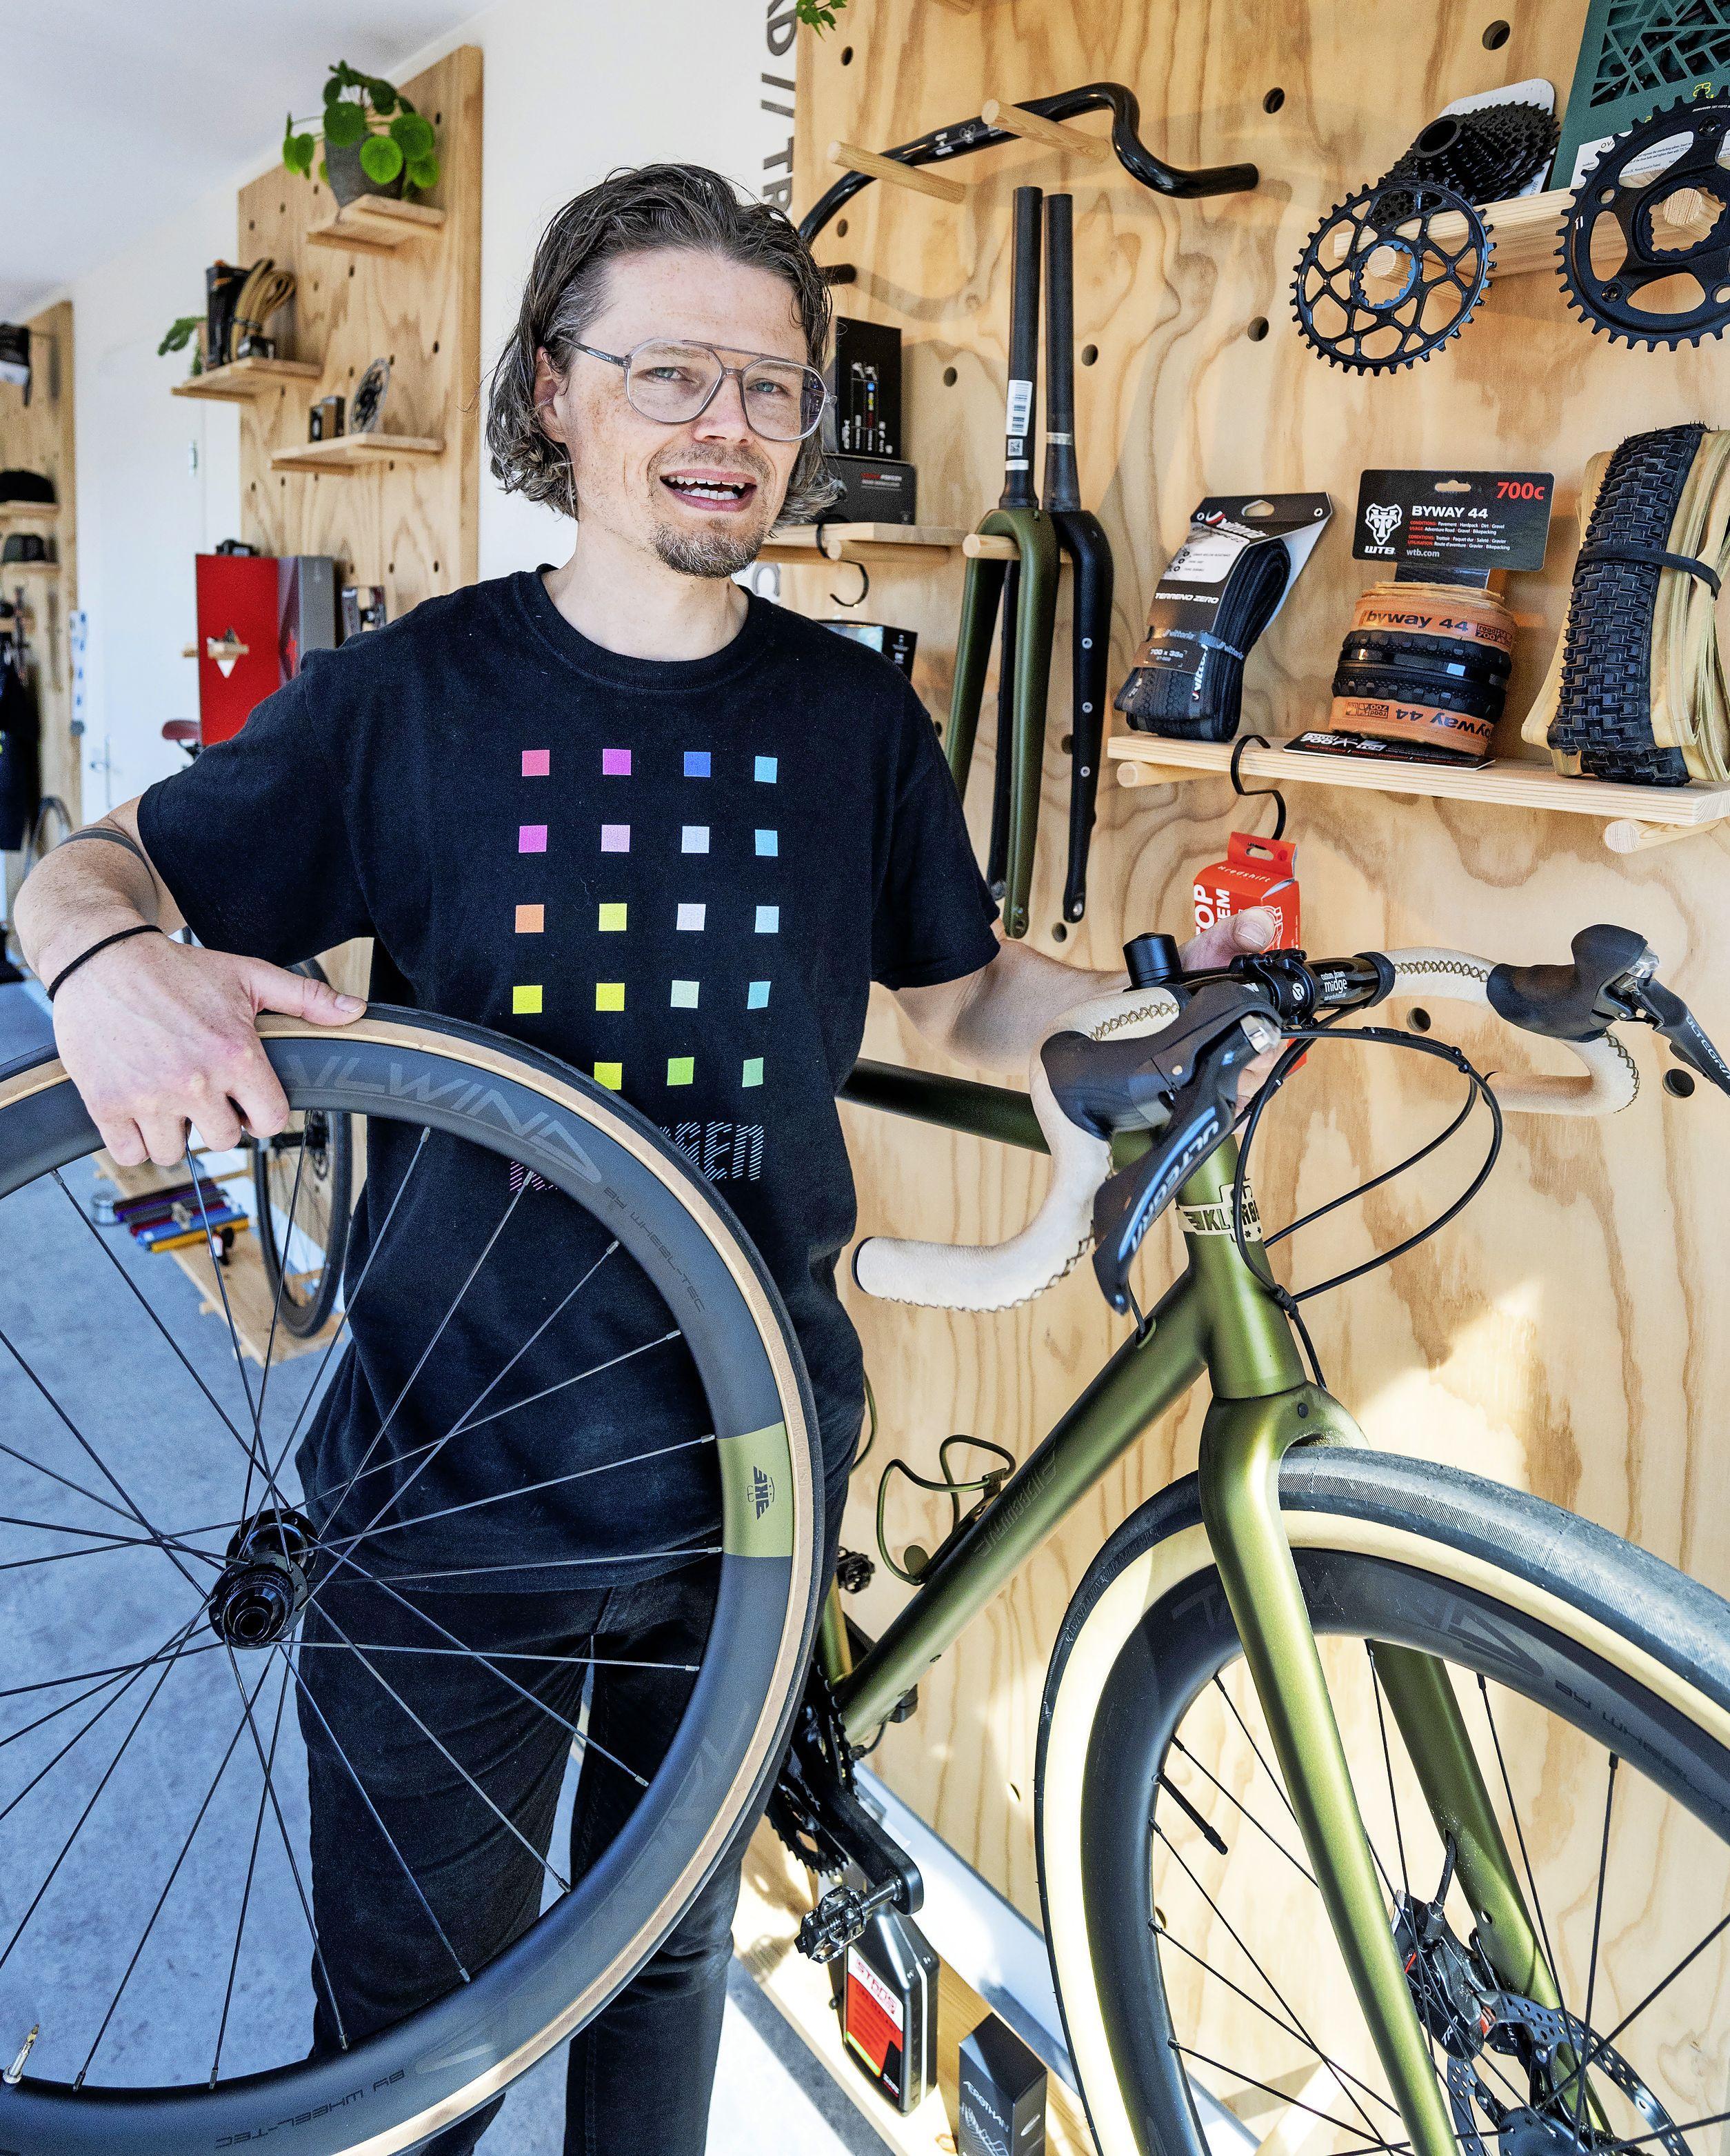 Freek Klaassen is eindelijk thuis, racefietsenbouwer vindt plek in Haarlem